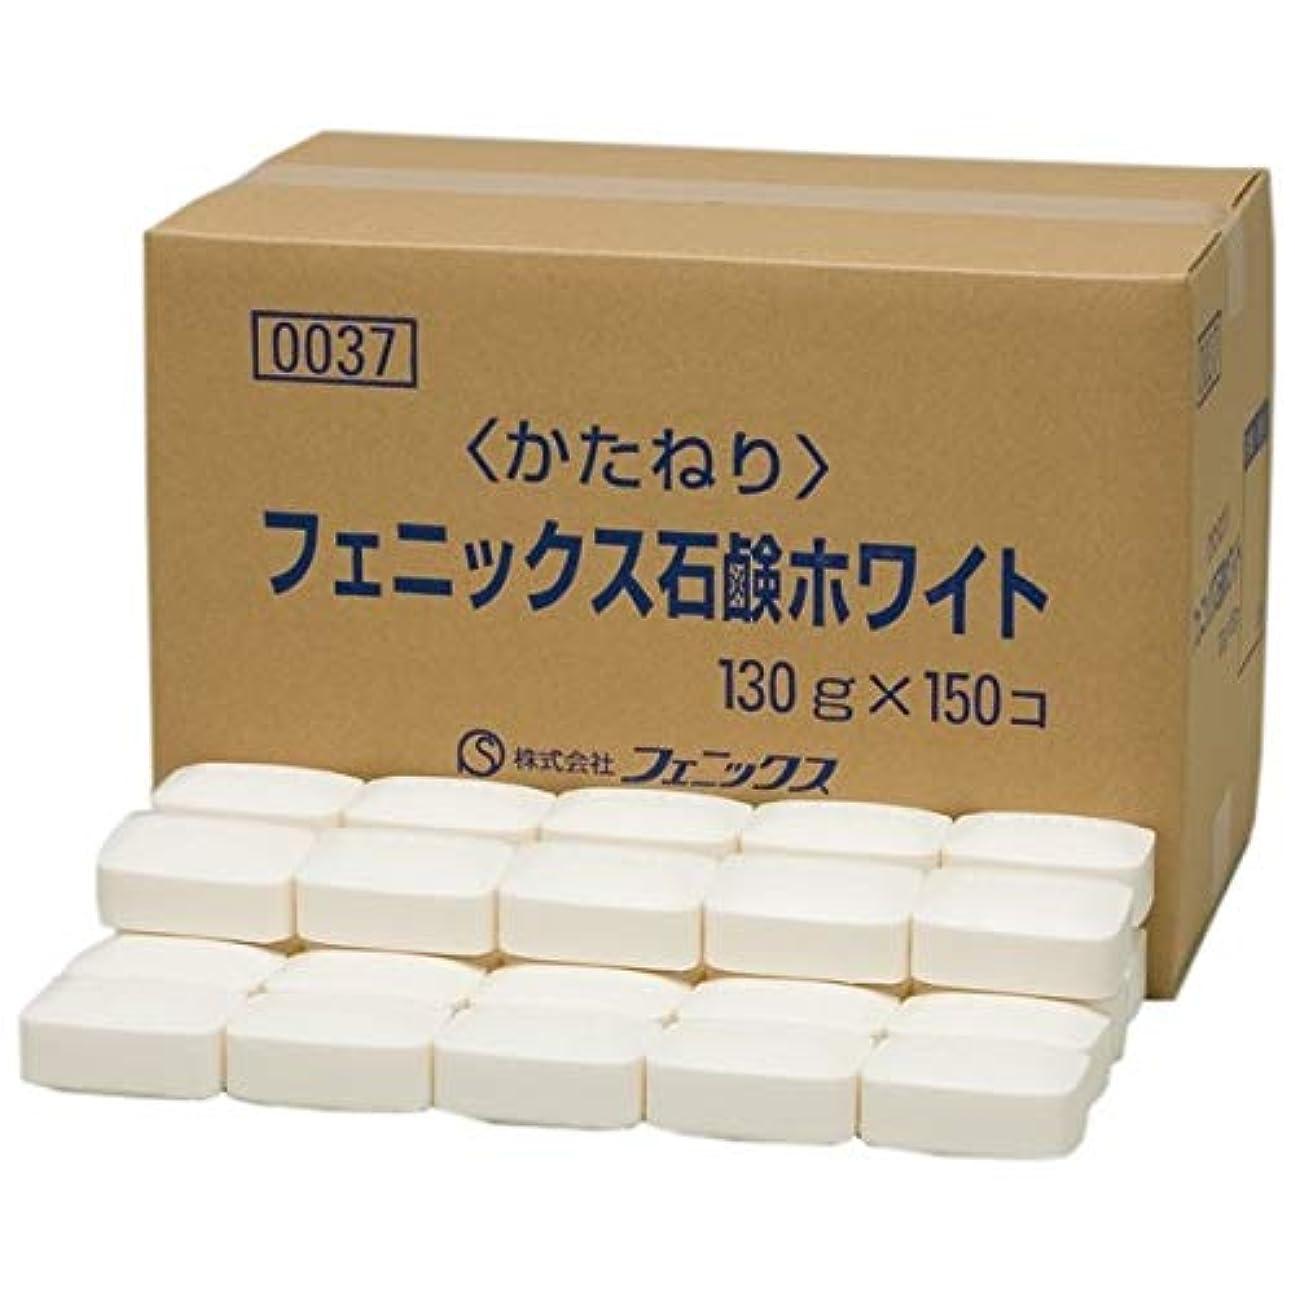 暗殺者赤字ジャンプフェニックスホワイト石鹸 130g×150個入